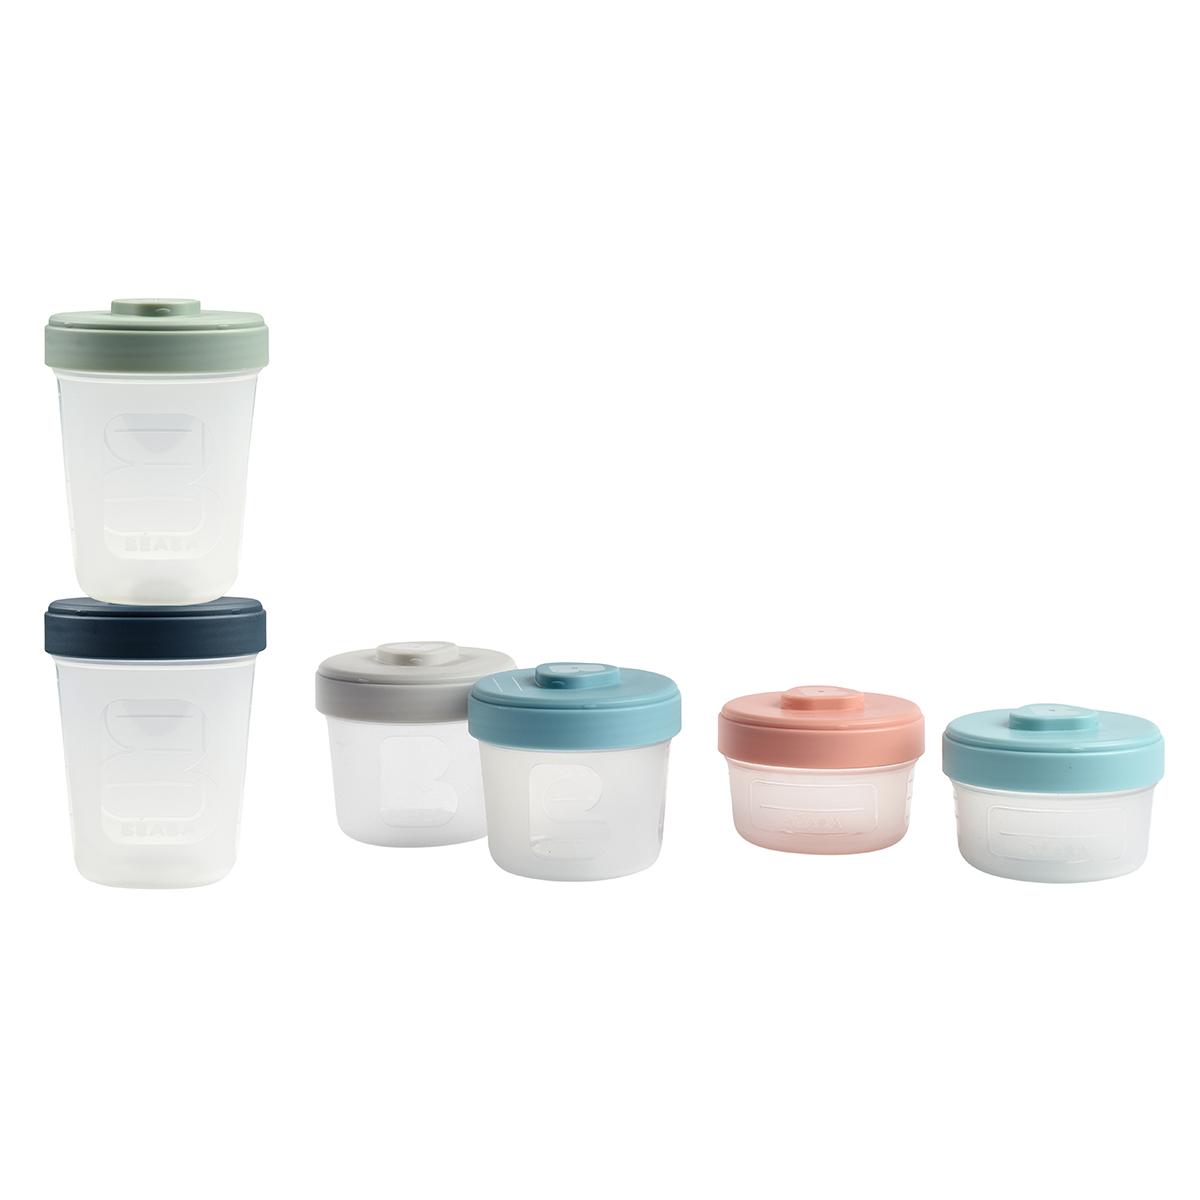 Vaisselle & Couvert Lot Intégral de 6 Portions Clip 90 150 et 250 ml - Multicolore Lot Intégral de 6 Portions Clip 90 150 et 250 ml - Multicolore